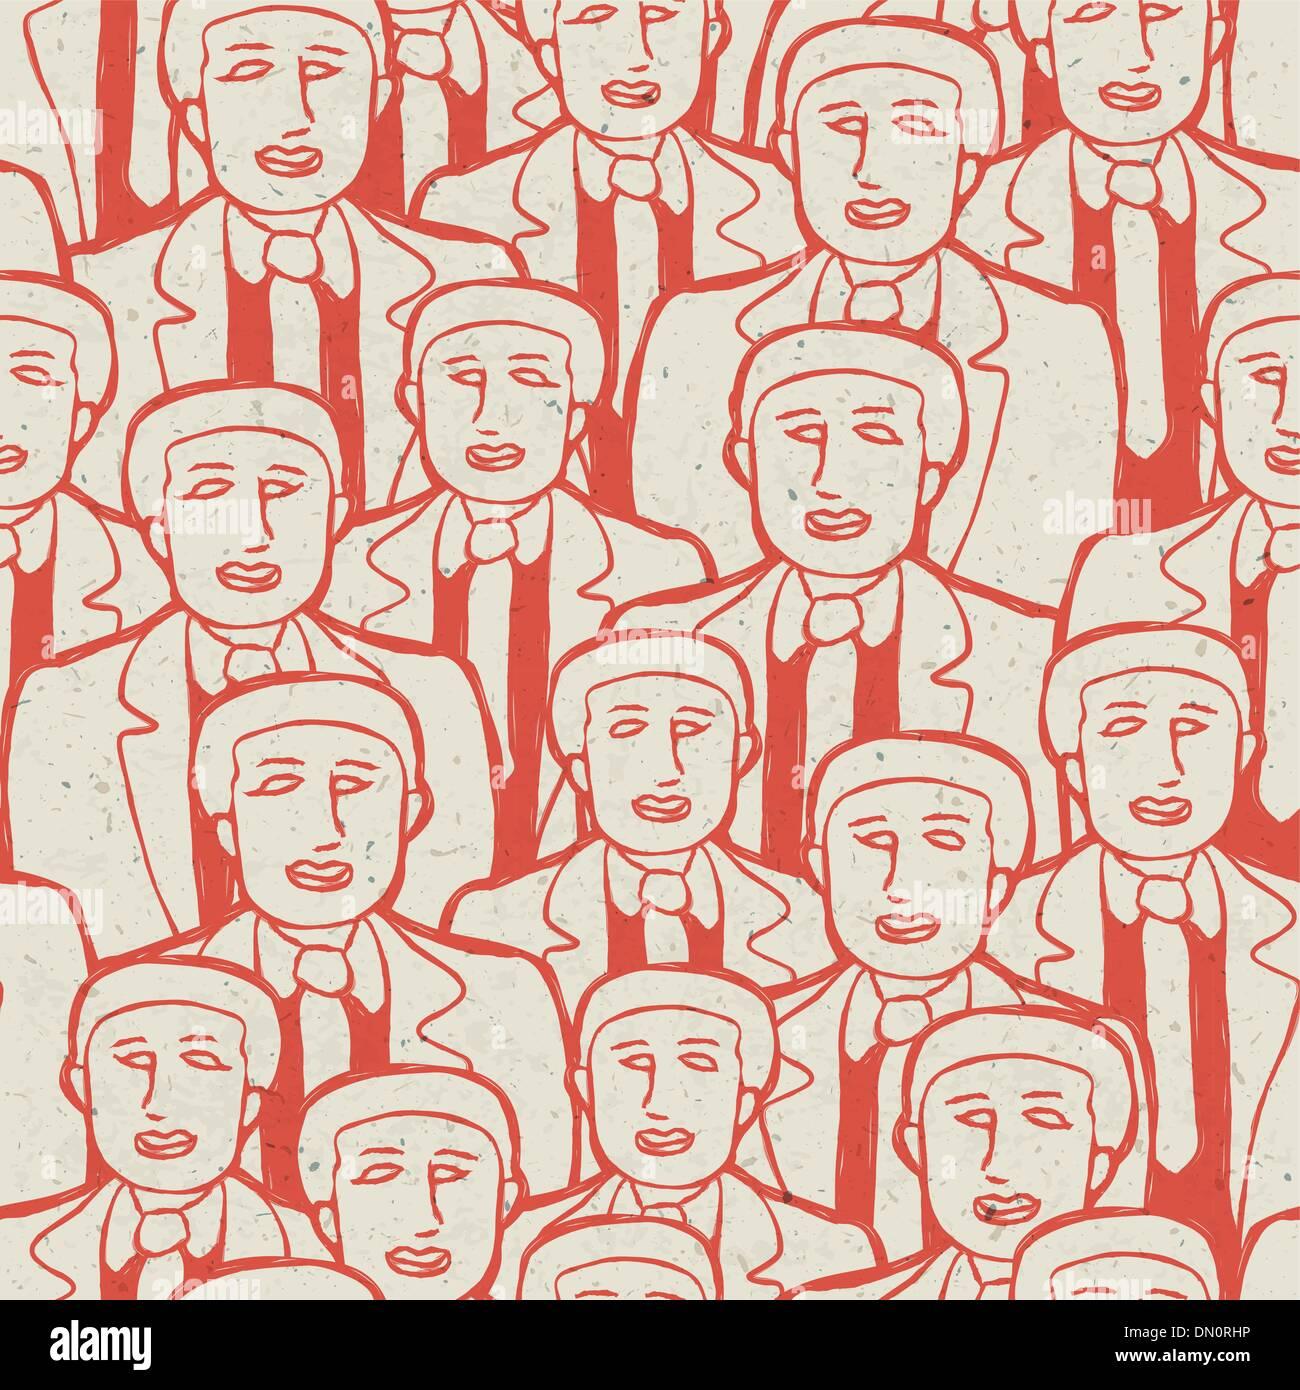 Abstract folla di uomini di affari. Modello senza giunture, vettore conce Immagini Stock